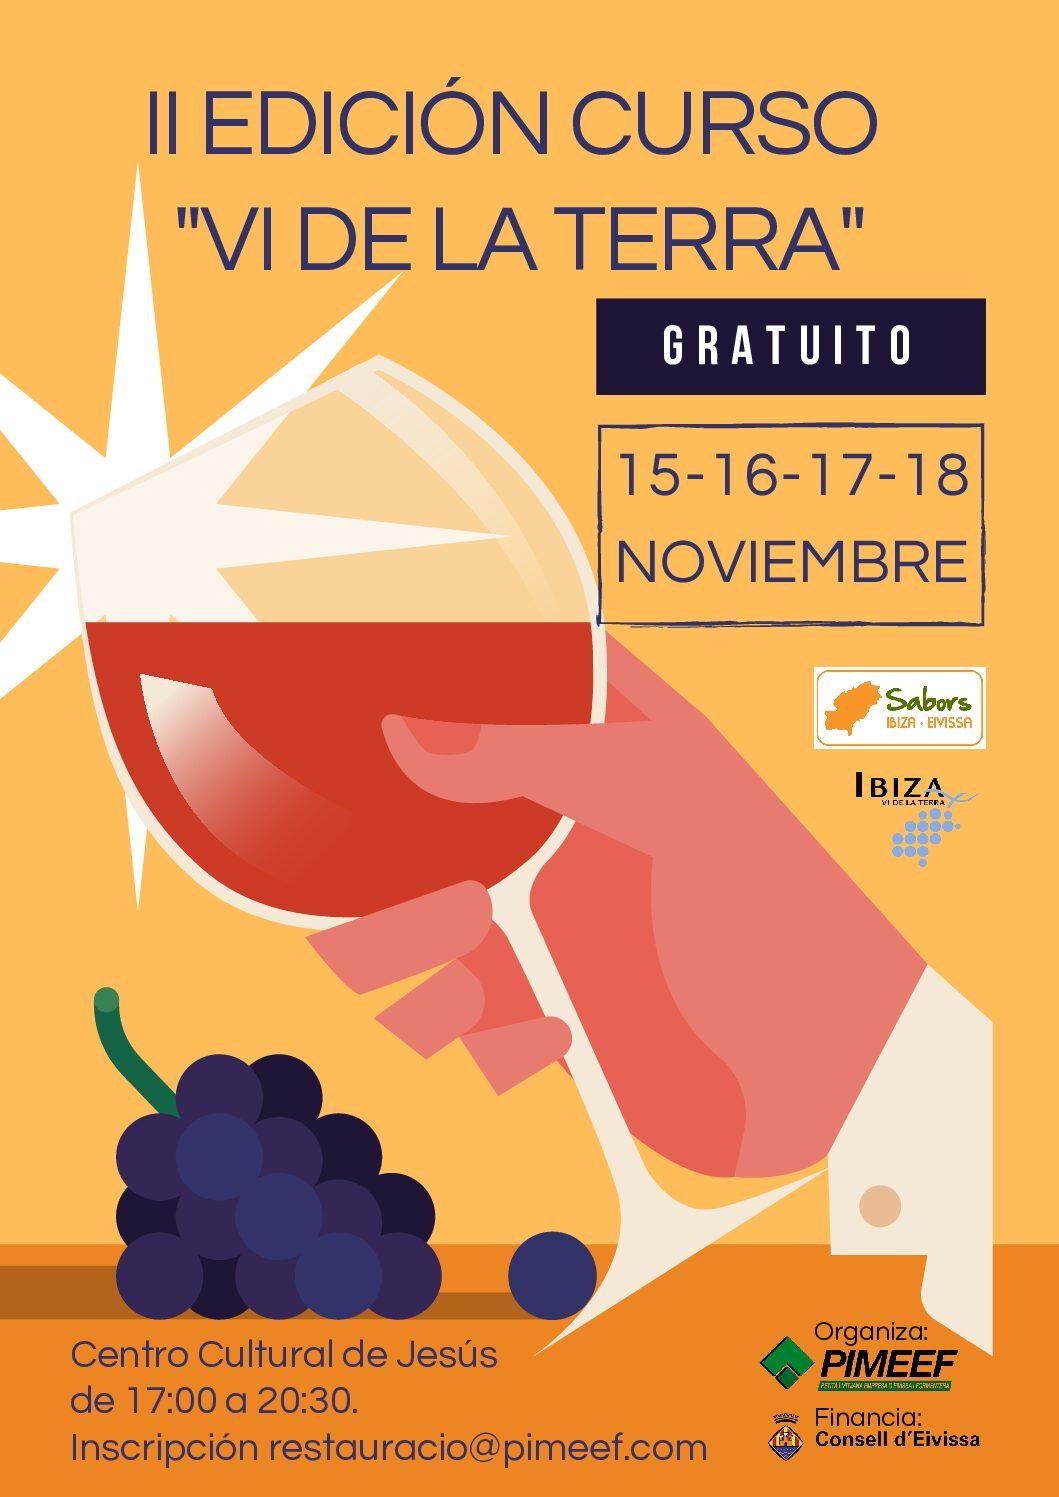 Nuevo curso de cata de vinos de la IGP Eivissa/Ibiza